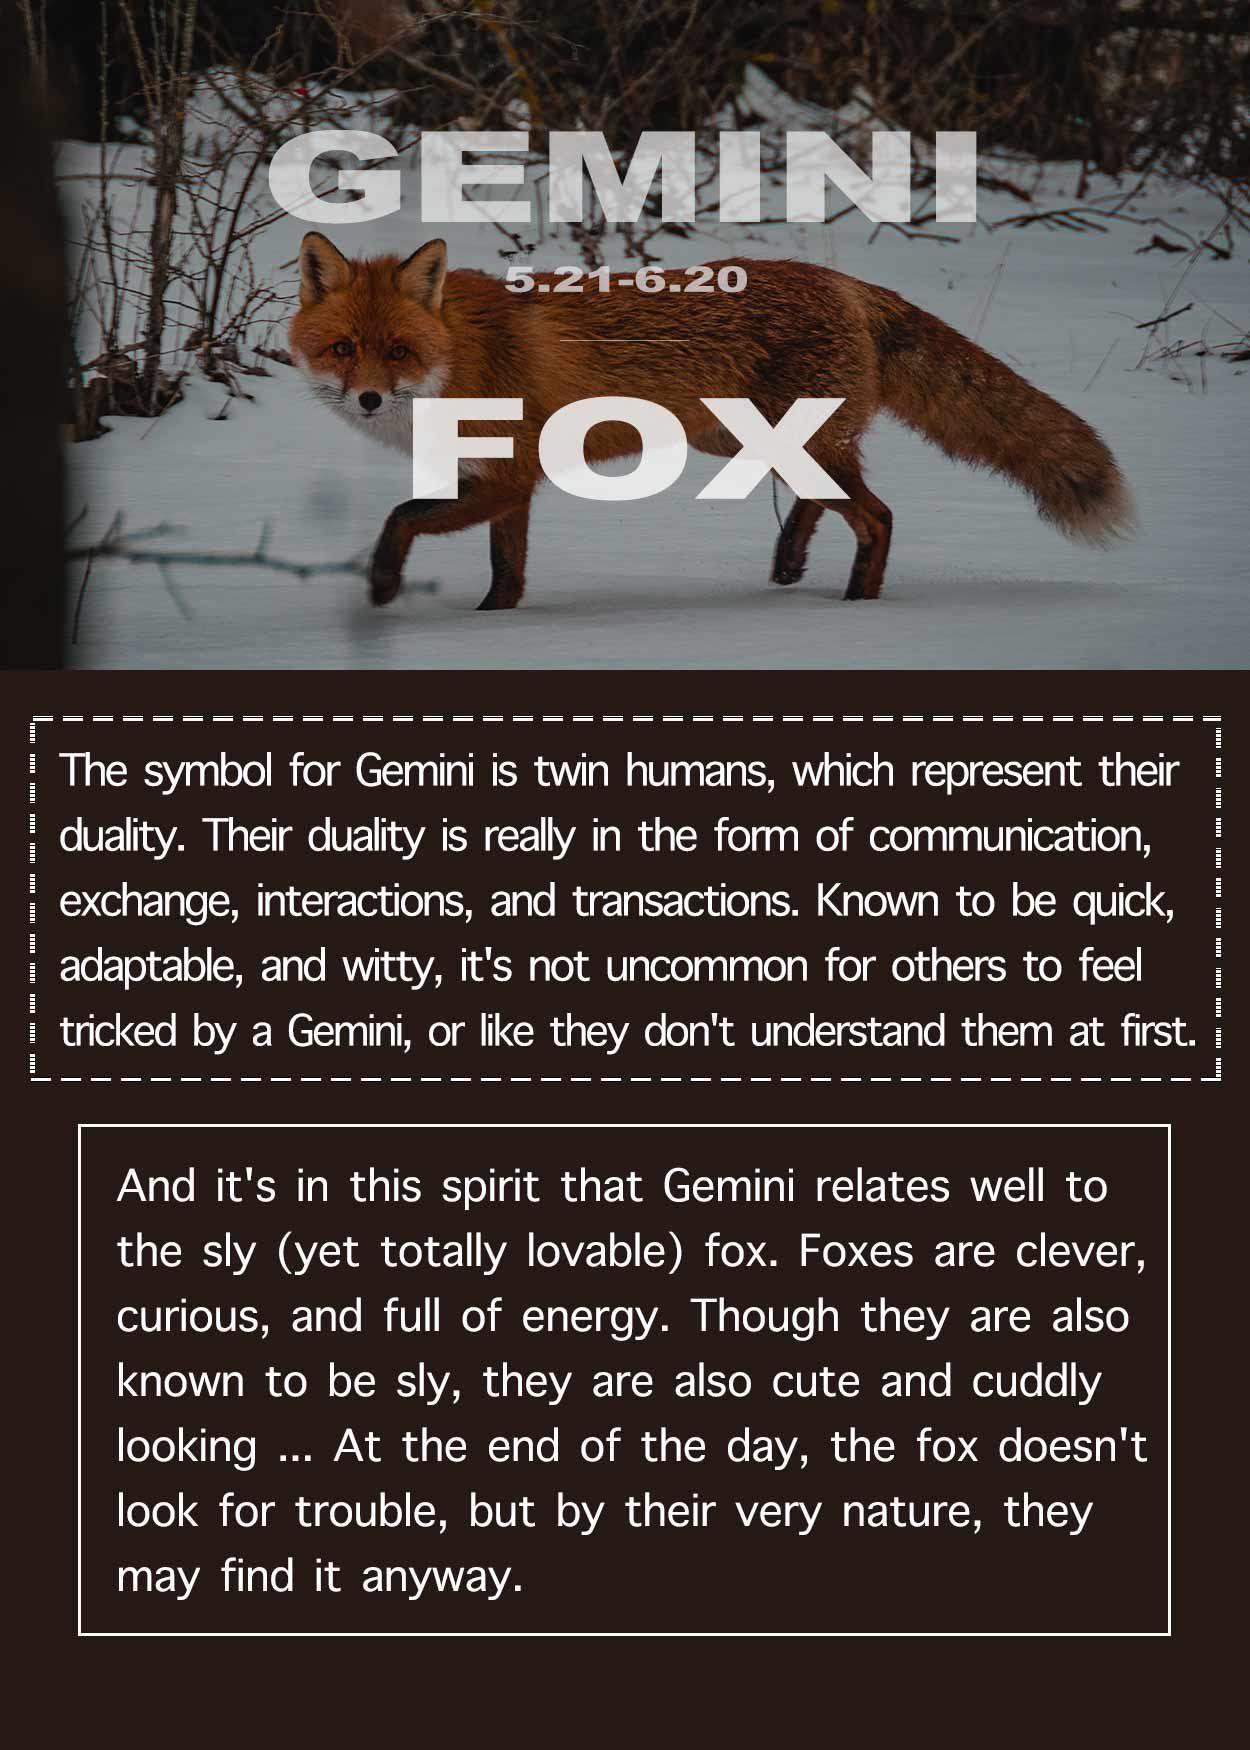 19++ What is gemini spirit animal images